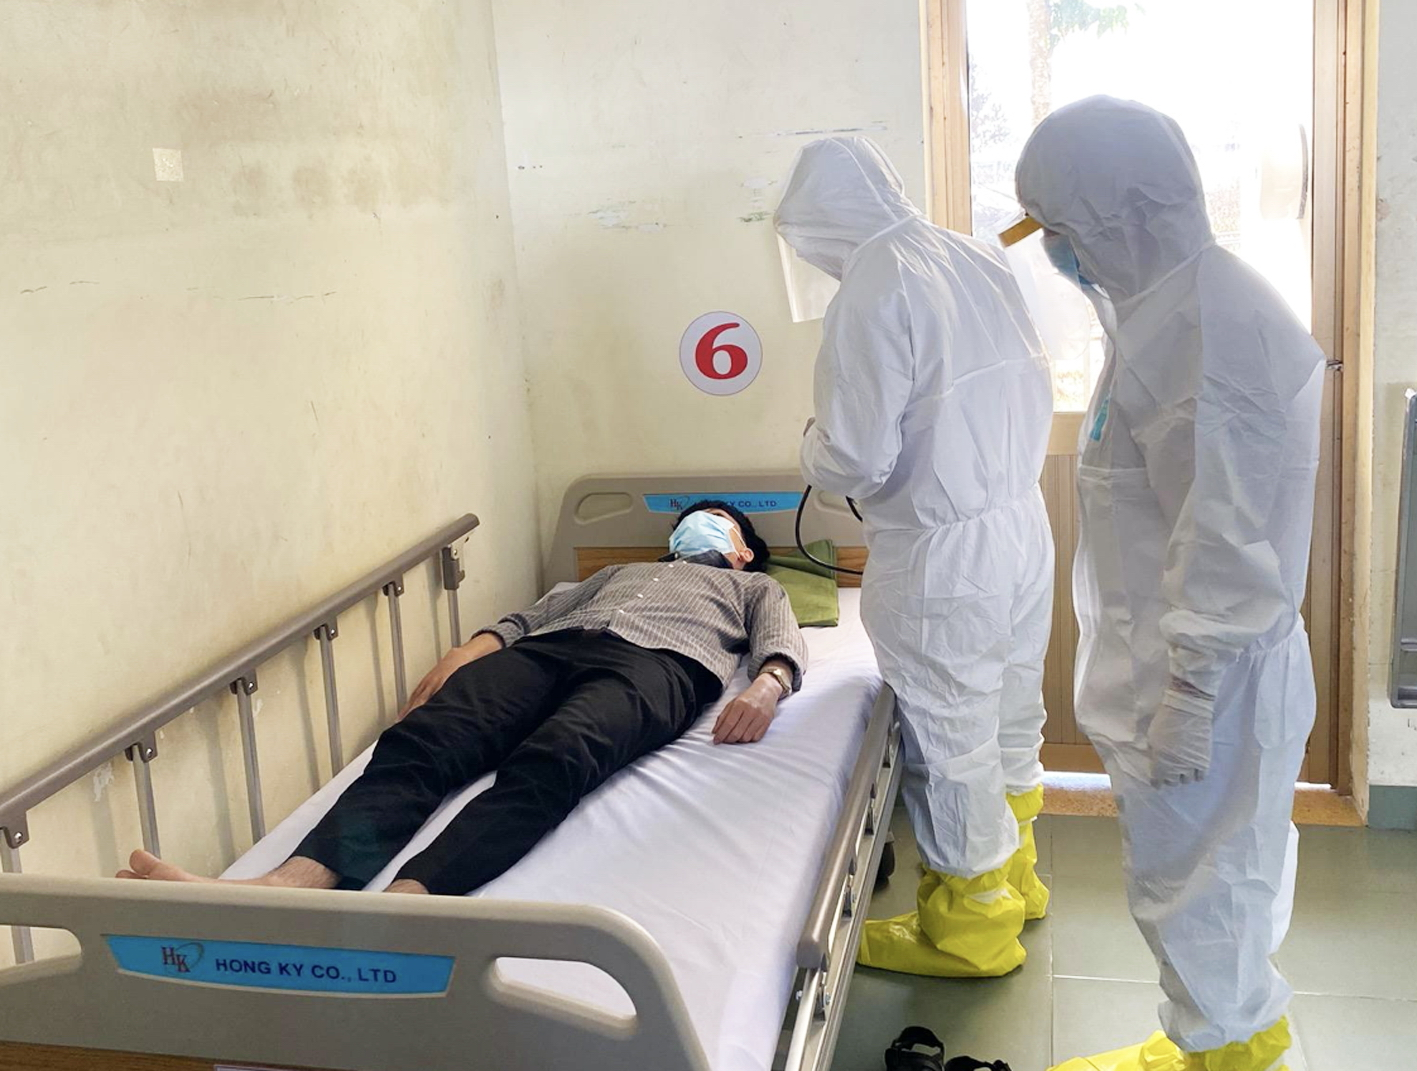 TPHCM lập bệnh viện dã chiến ở huyện Củ Chi để tiếp nhận các trường hợp nghi nhiễm bệnh do virus corona chủng mới- Ảnh: Sở Y tế TPHCM